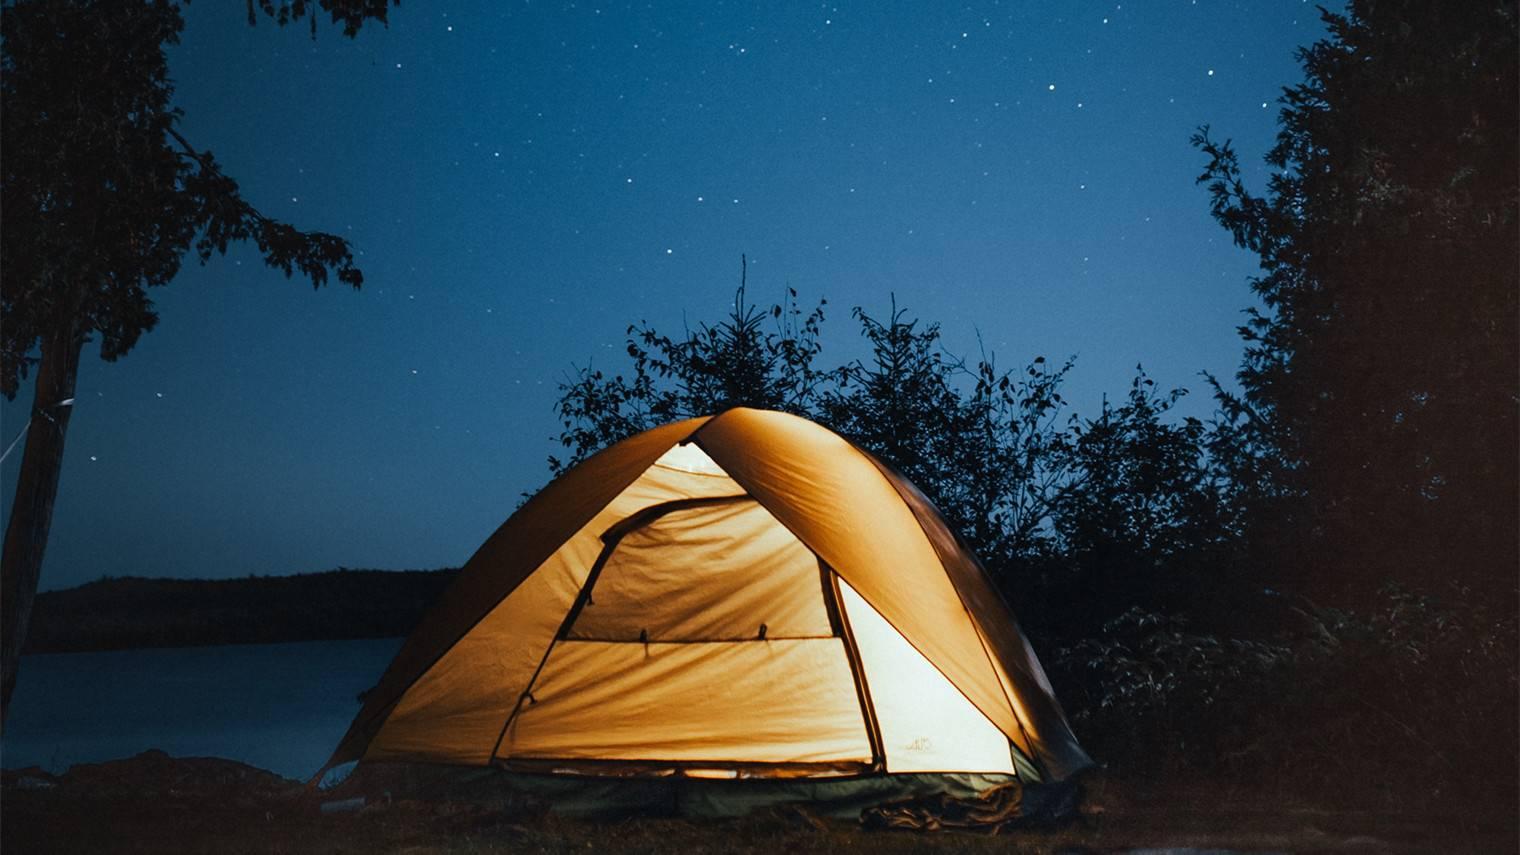 相关消费同比增长超200%,露营热真的来了